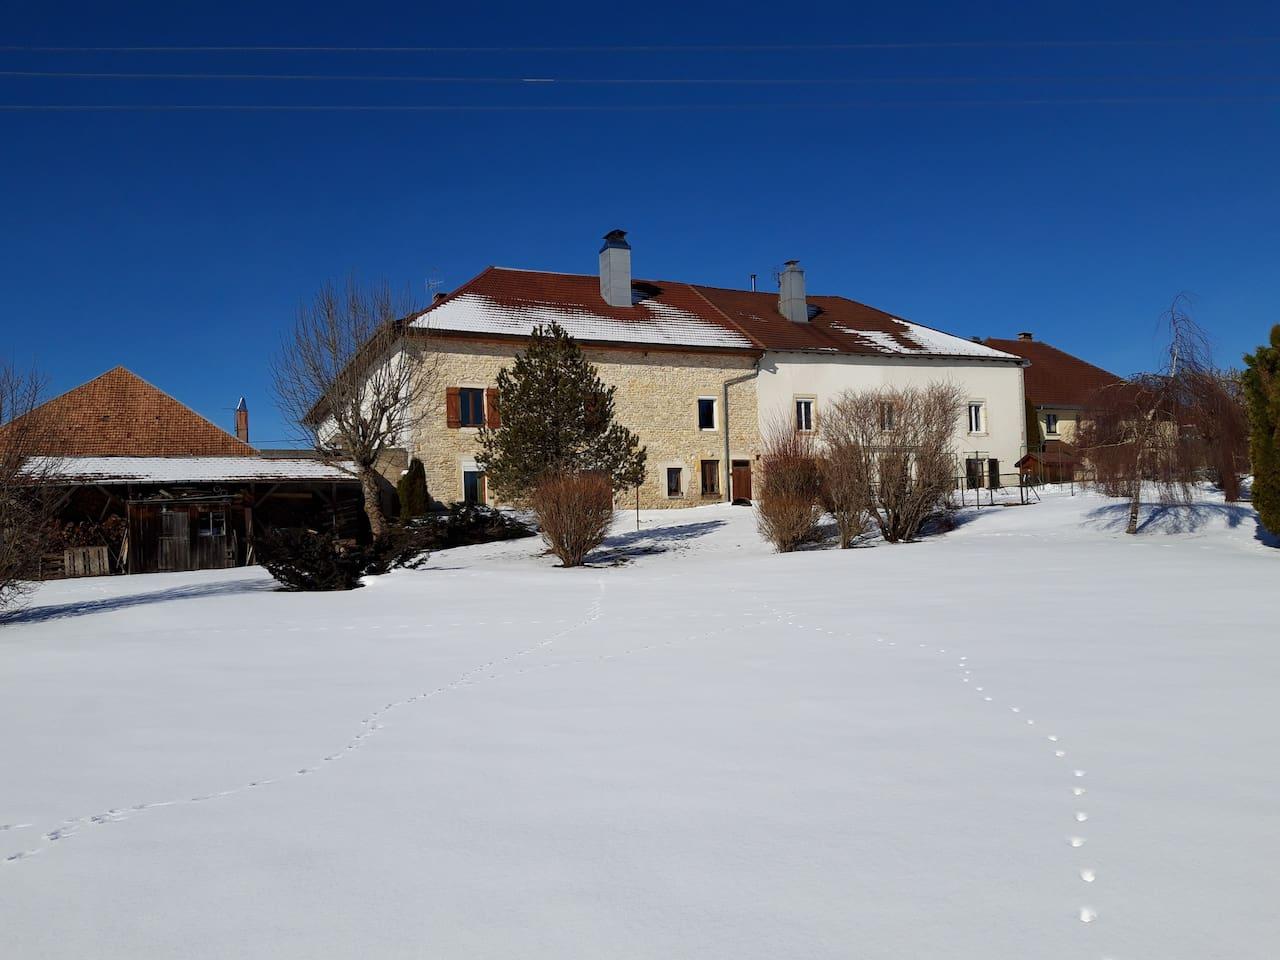 L'appartement correspond à la fenêtre située en haut à gauche de la maison en pierre.